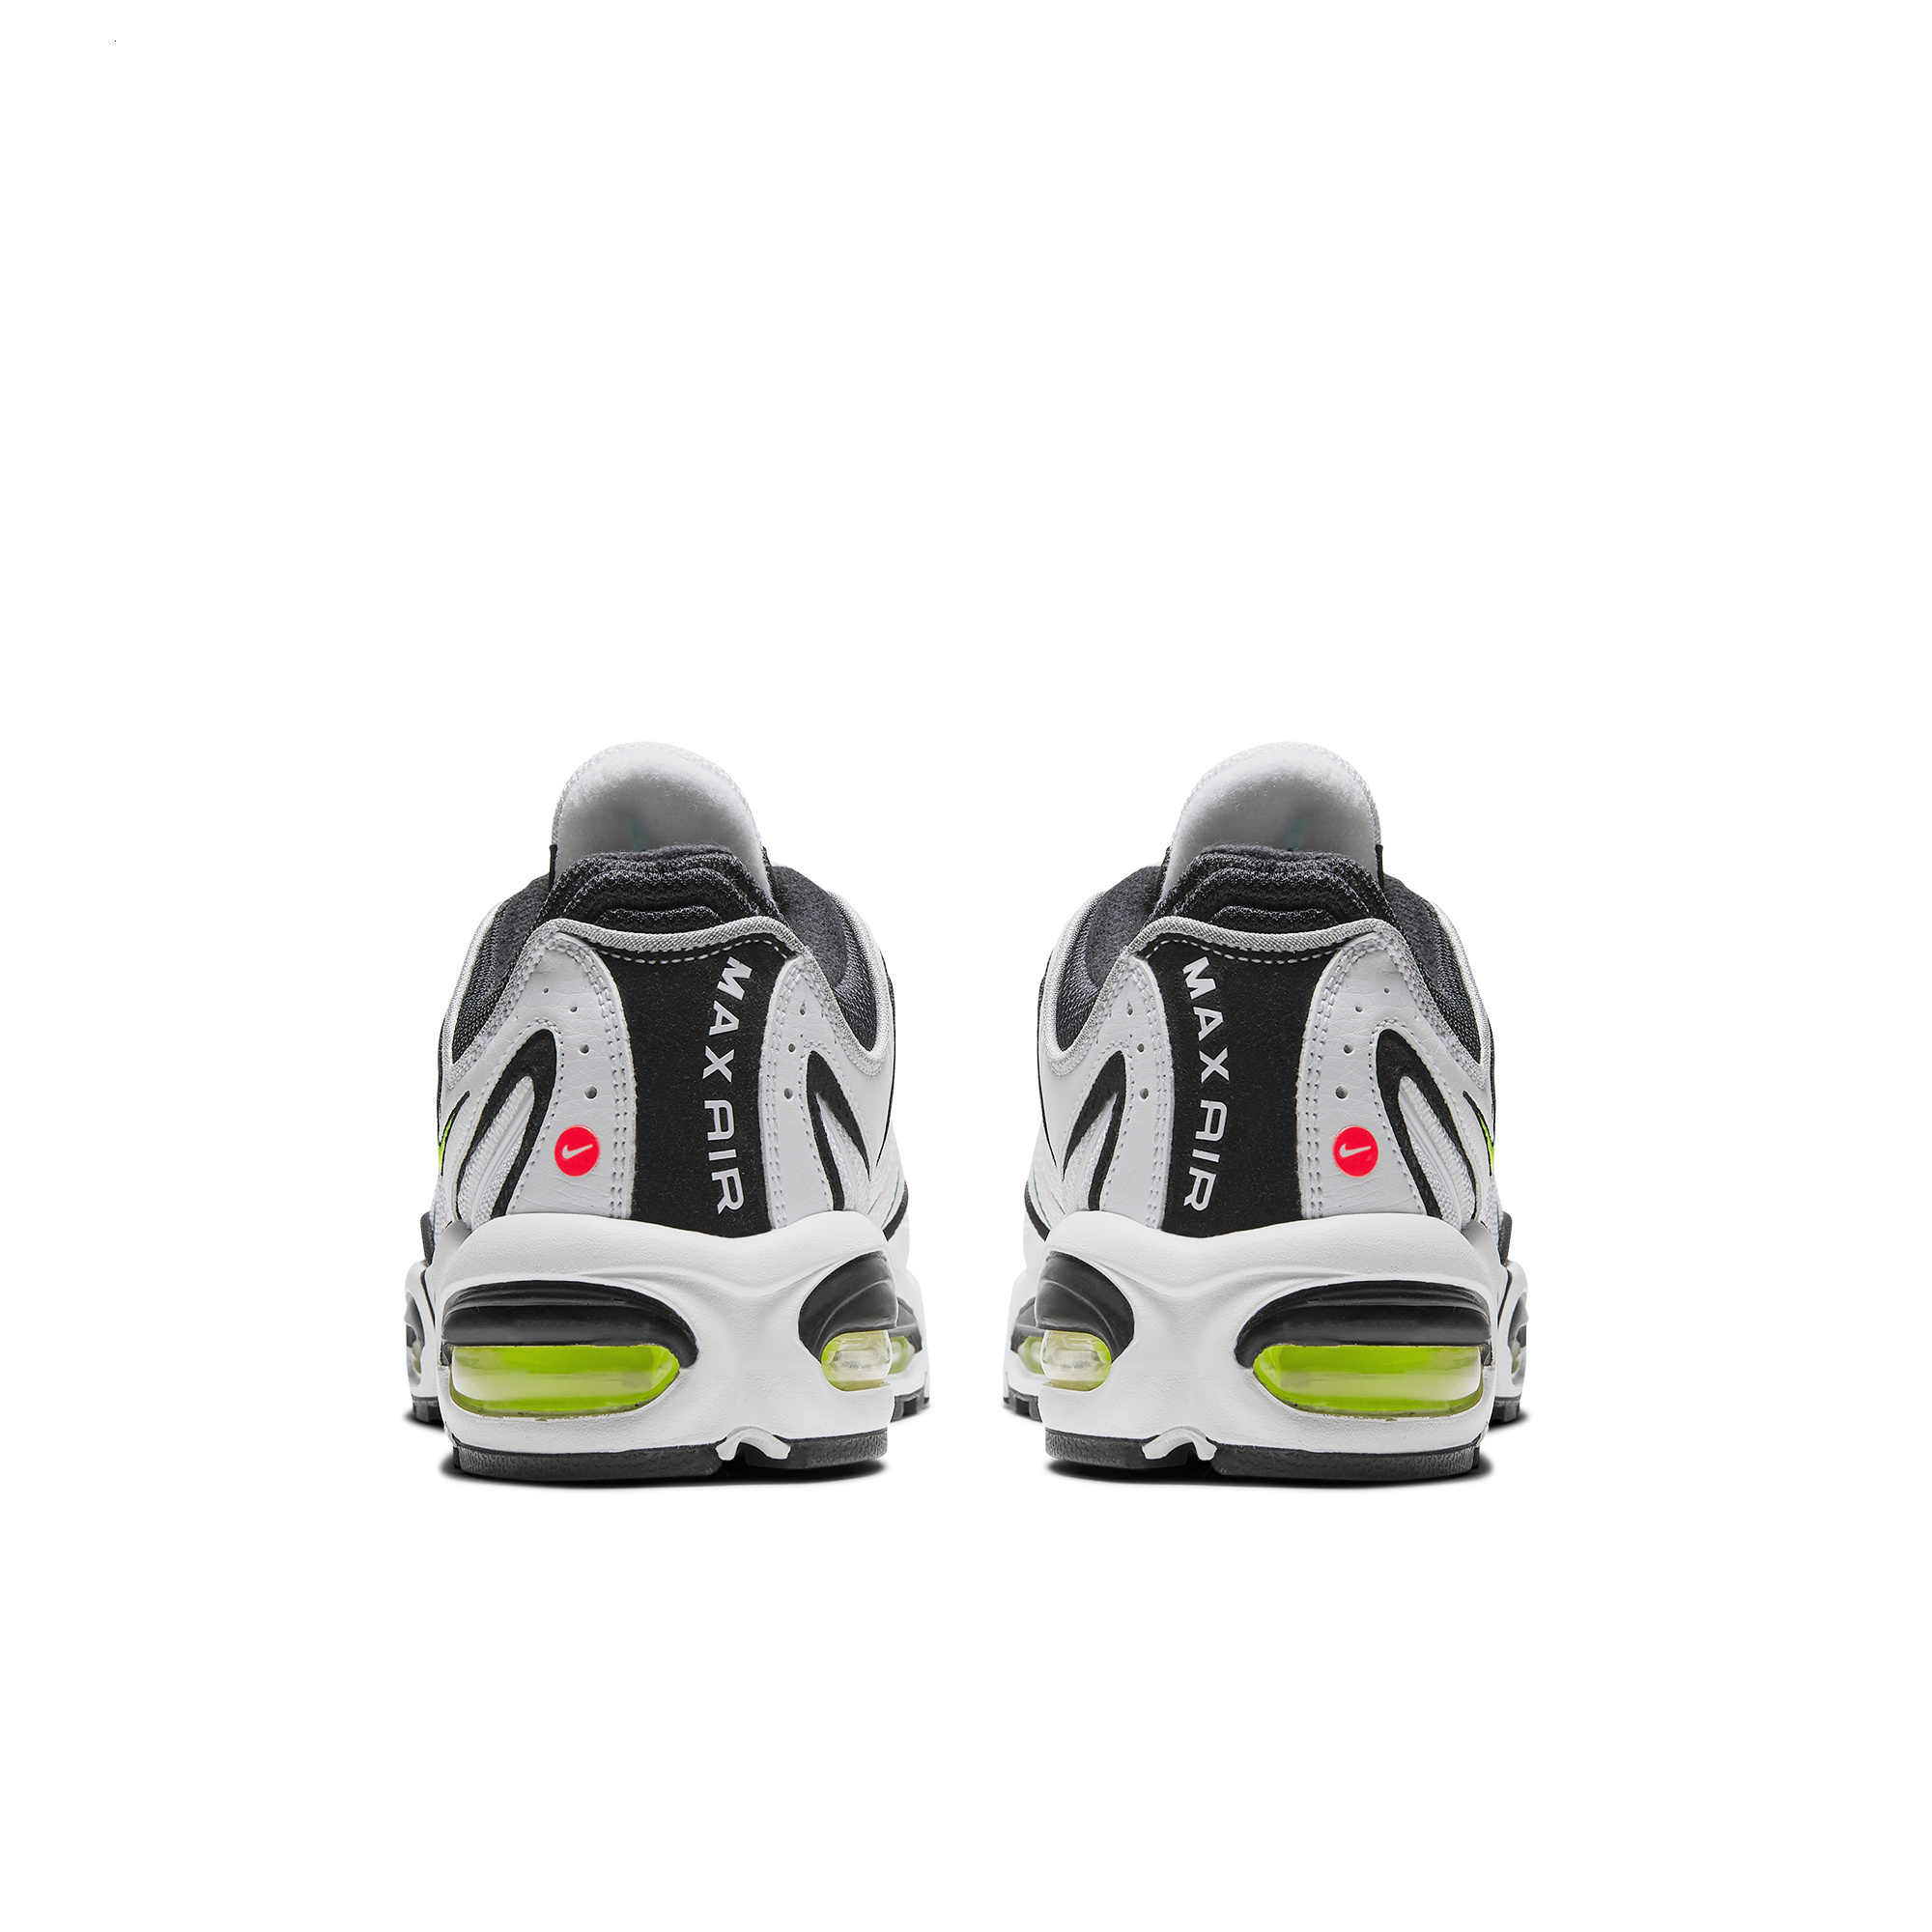 Nike ar max tailwind iv tn homem correndo sapatos almofada de ar lazer tempo esportes ao ar livre tênis # aq2567